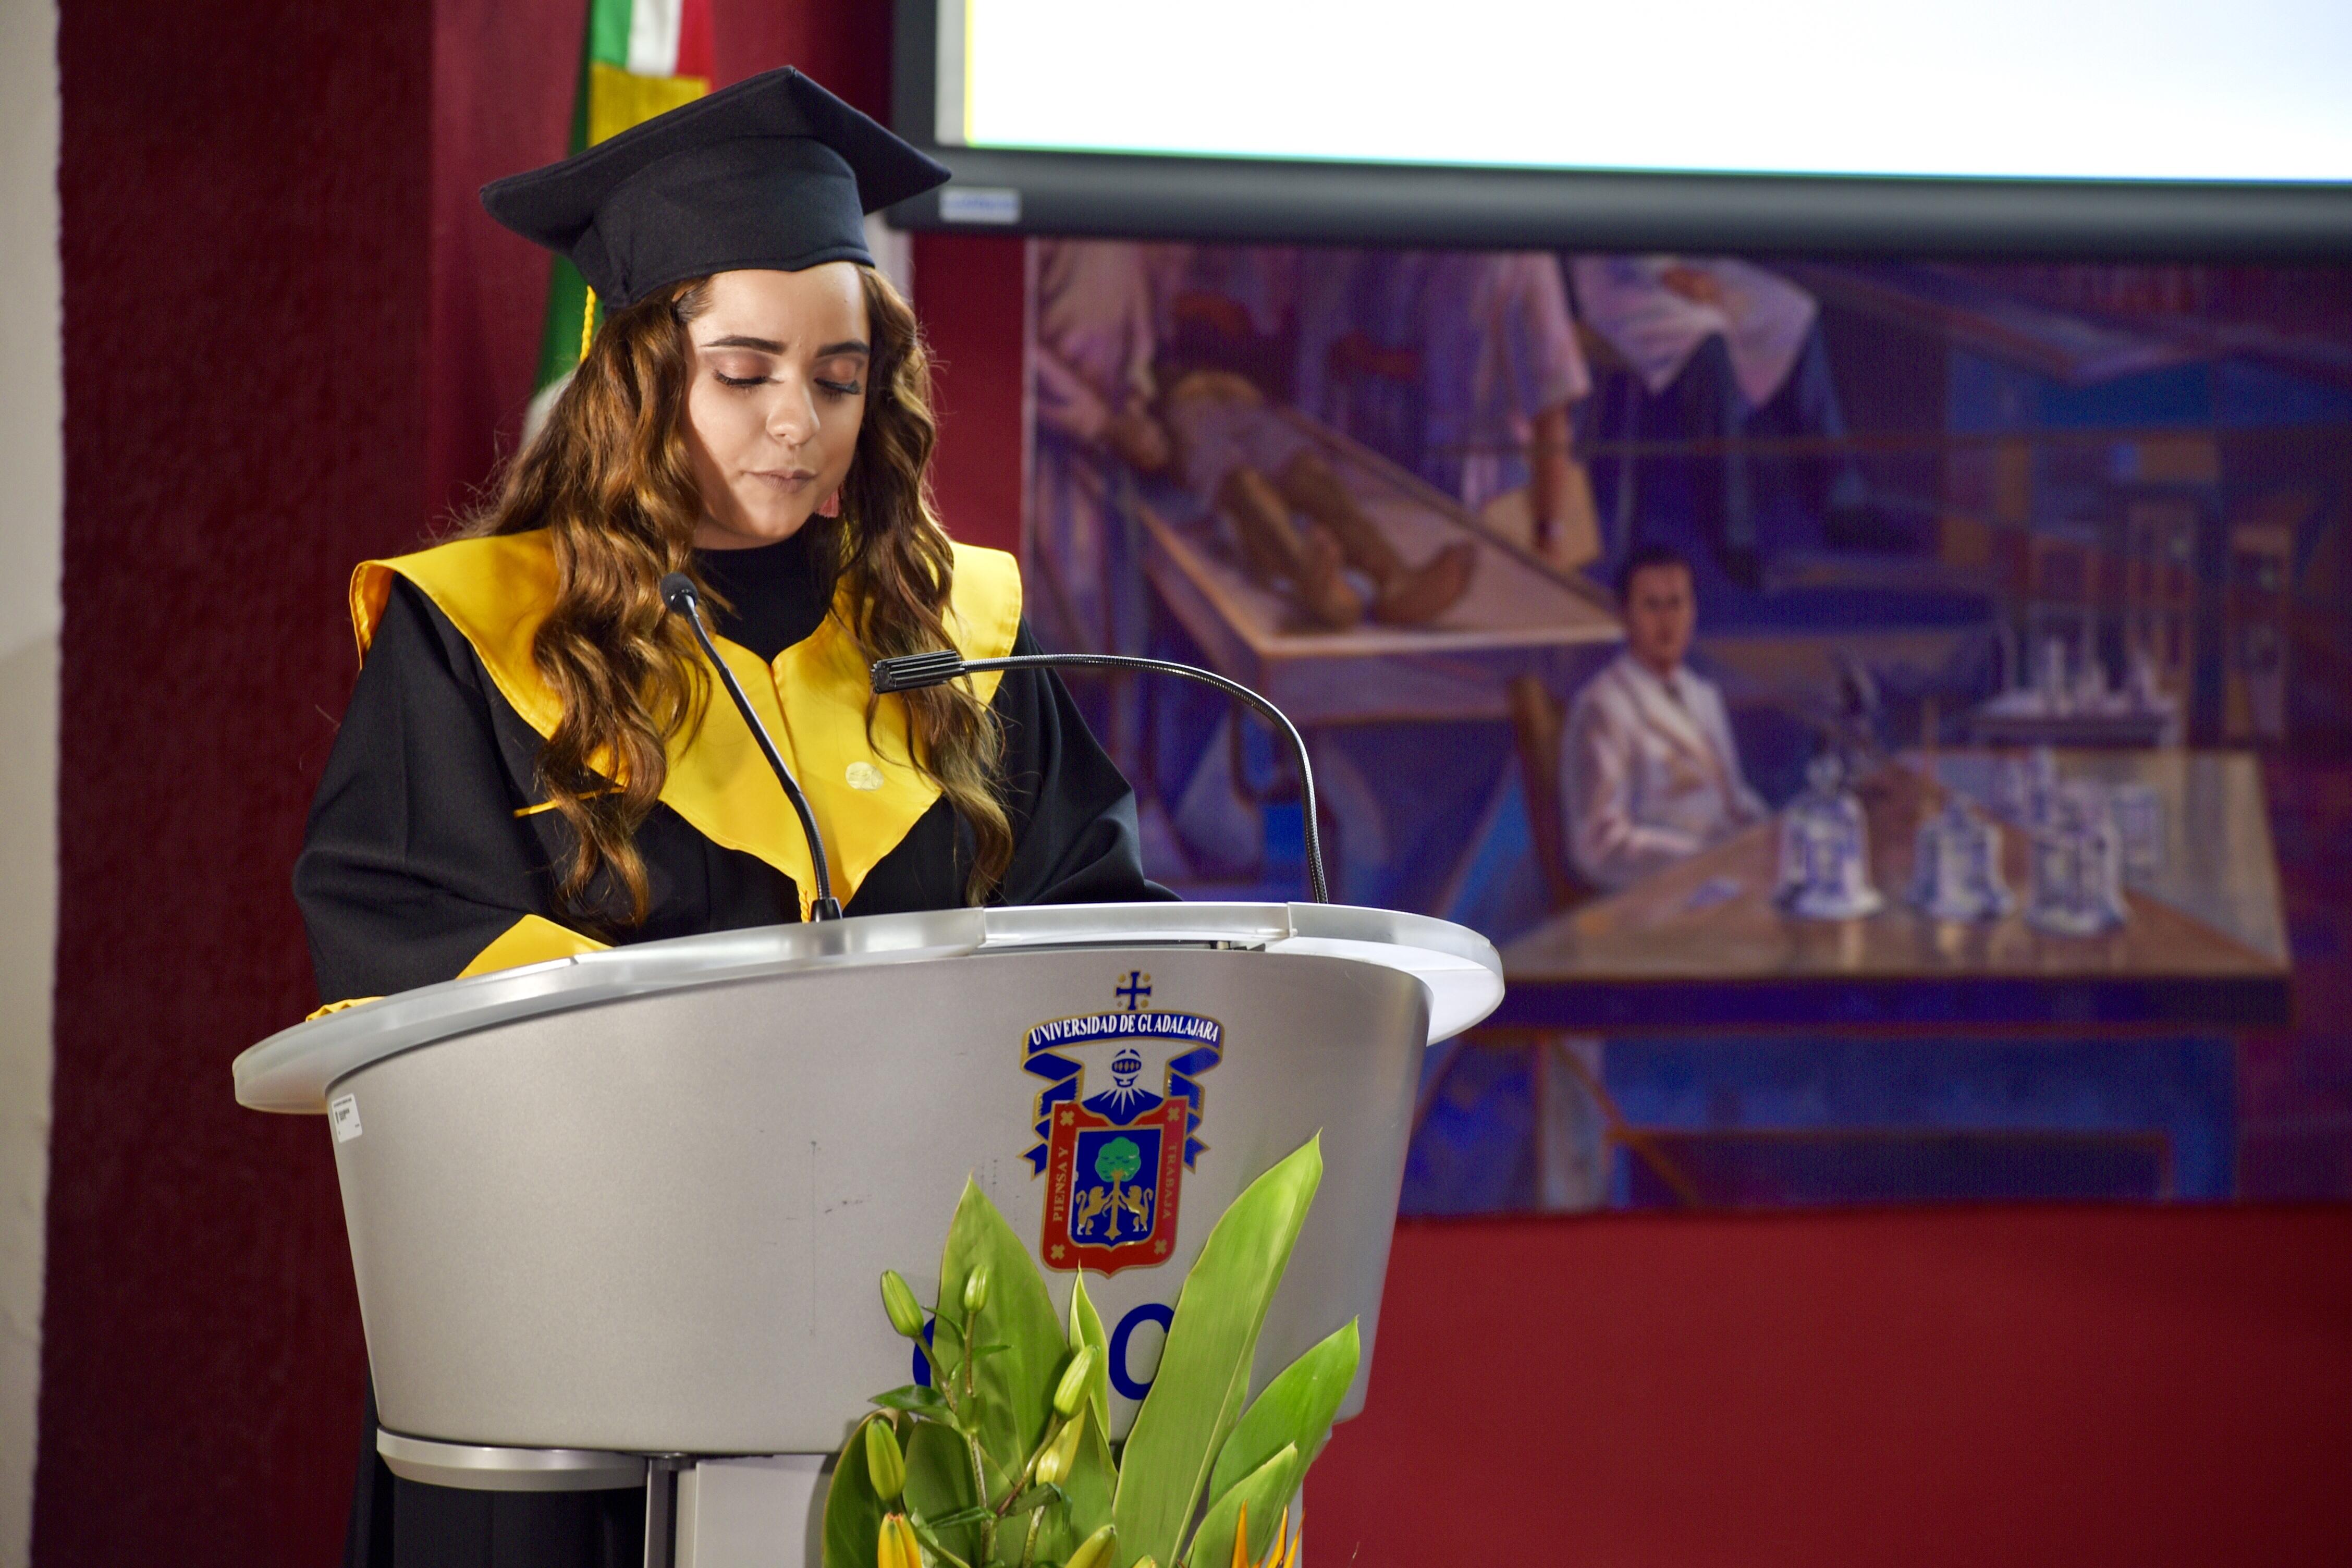 Representante de Generación ofreciendo mensaje a graduados